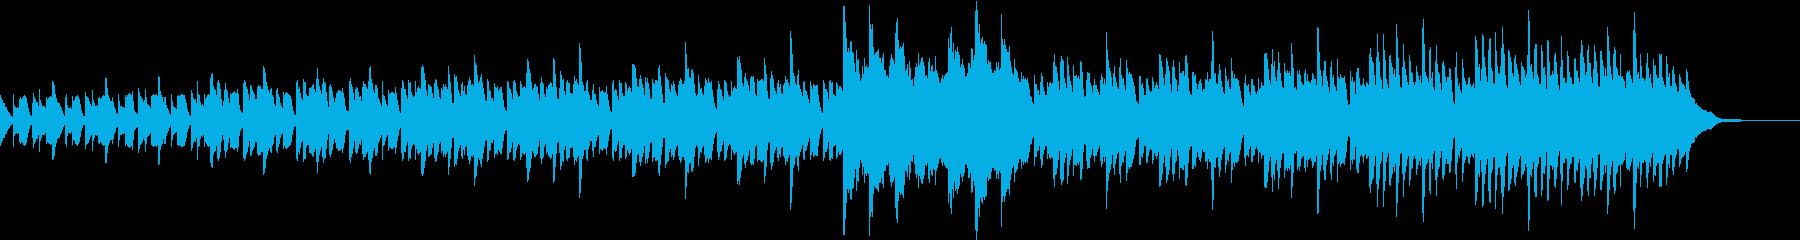 考え中、推理パートなどに使えるピアノ曲の再生済みの波形